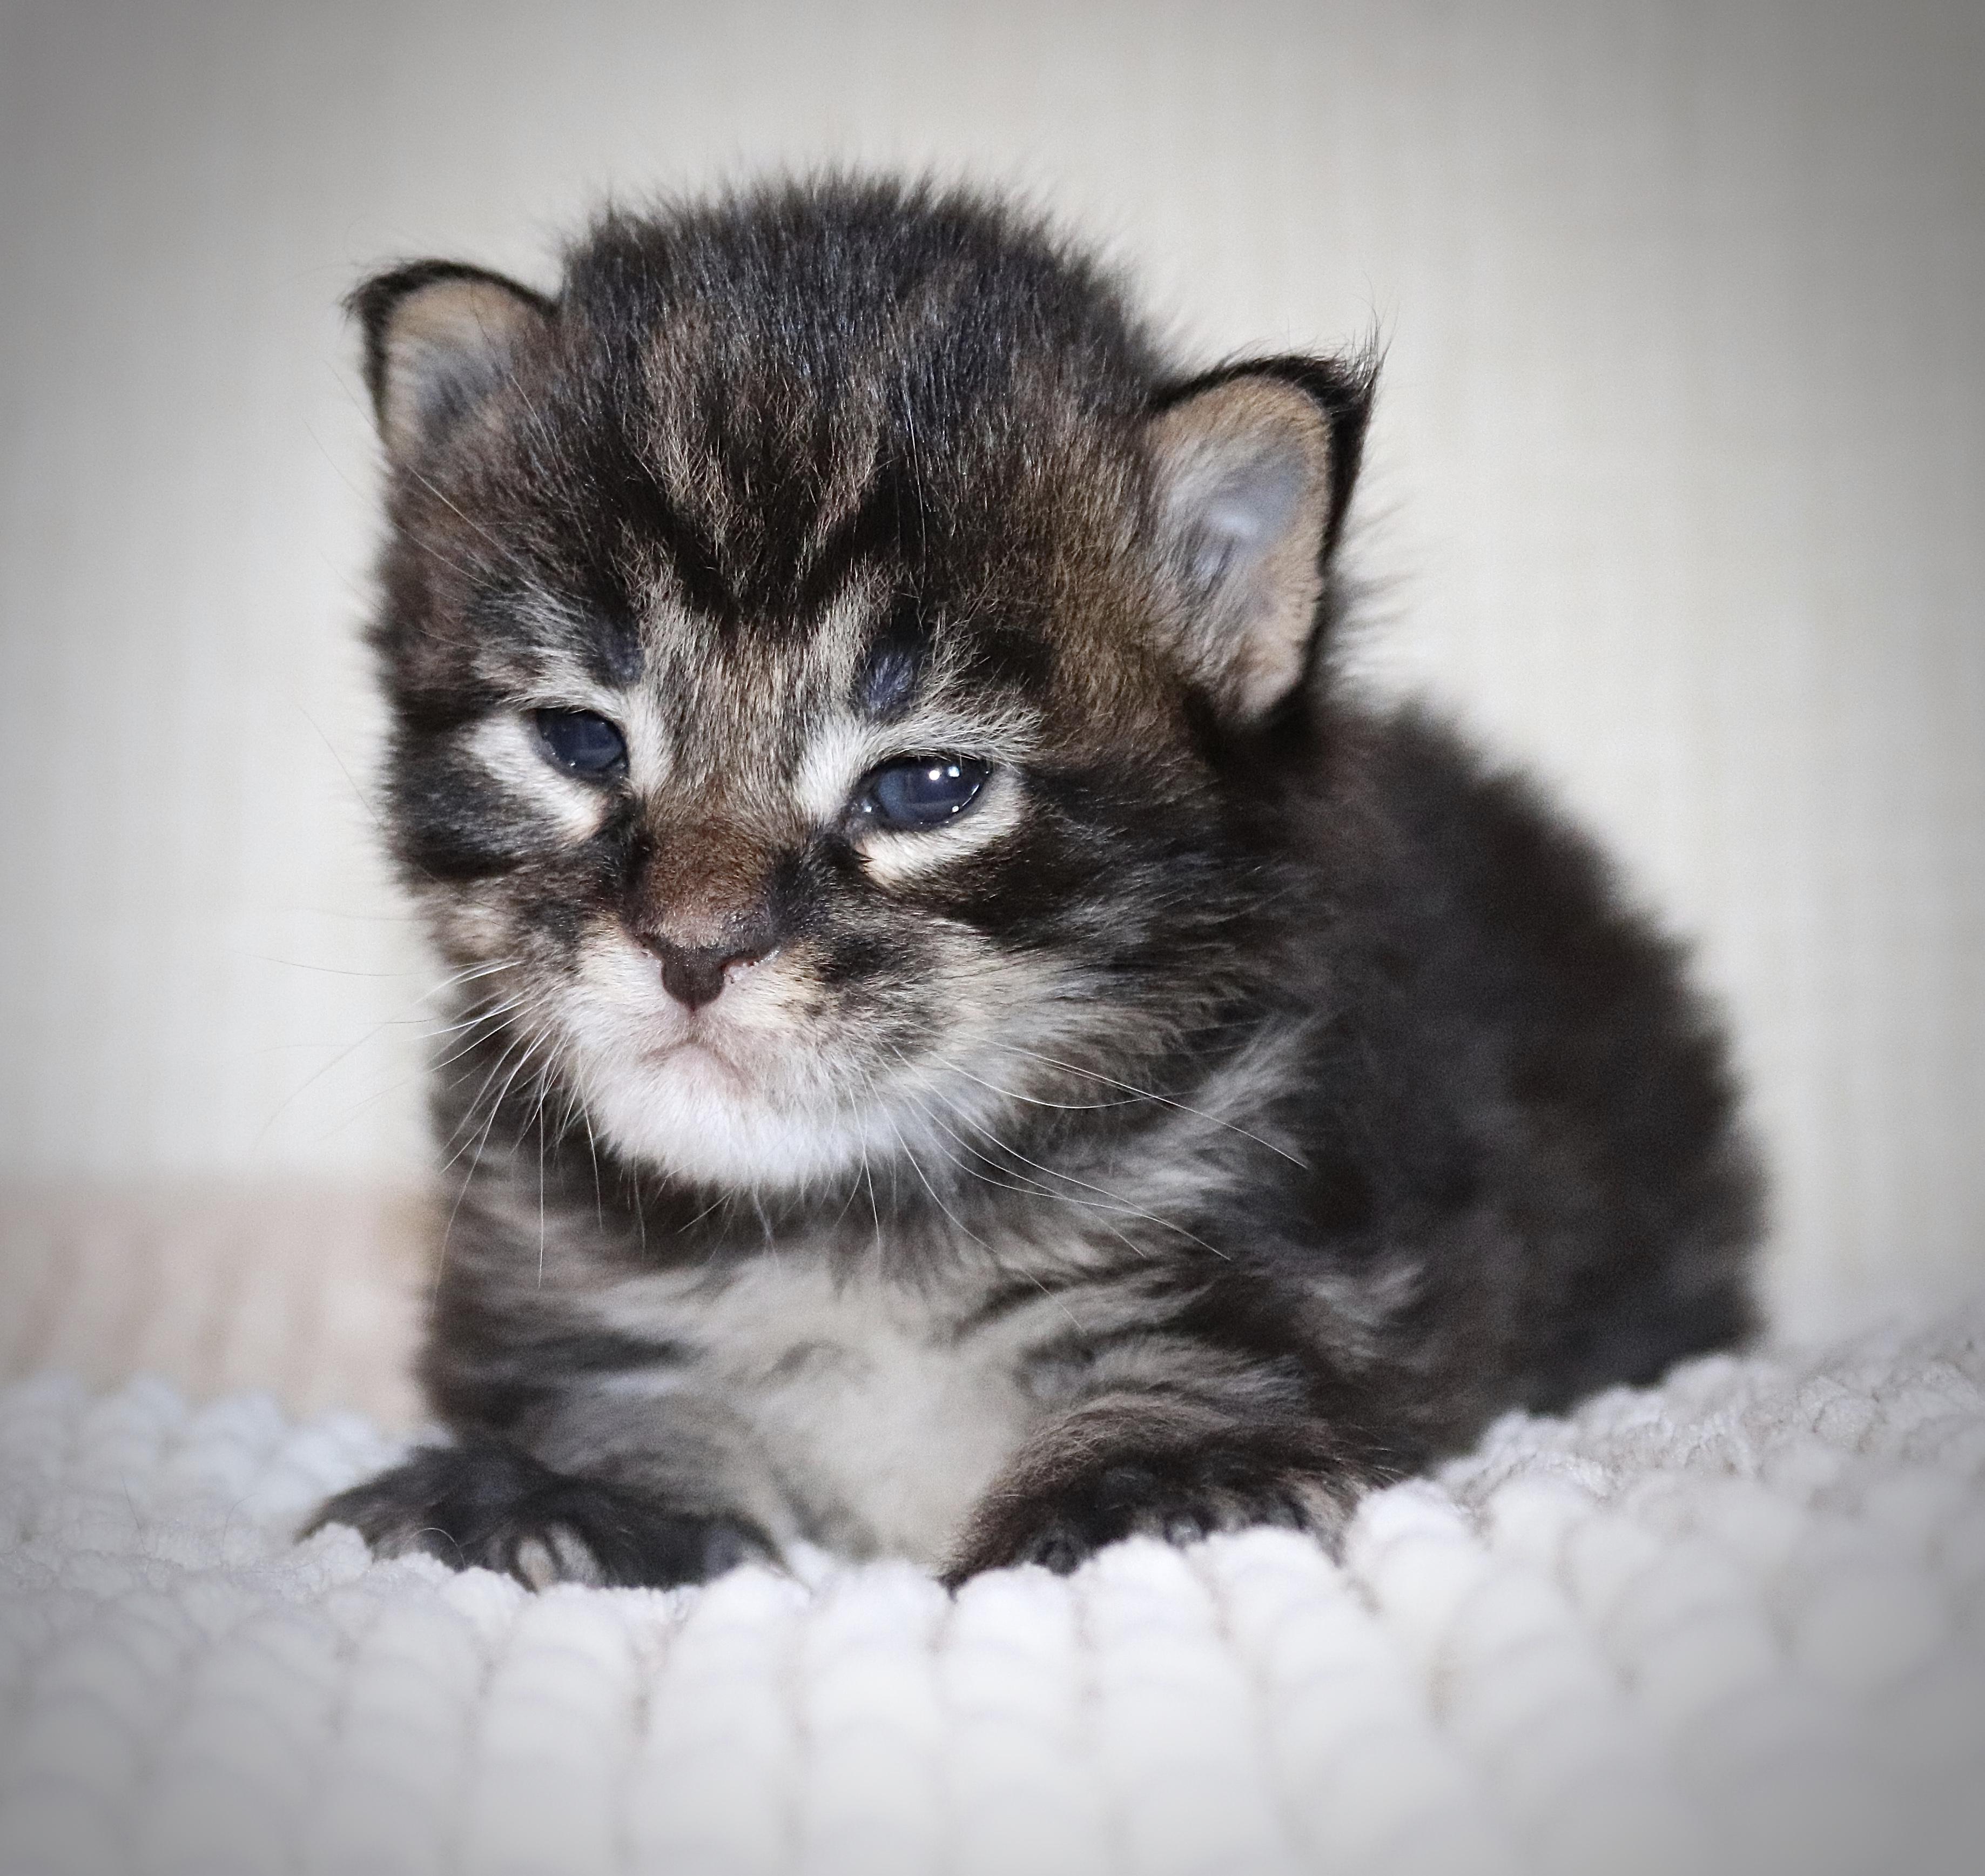 fotka kočky VRH CH: CHARLIZE UNO von ERILLIAN*CZ